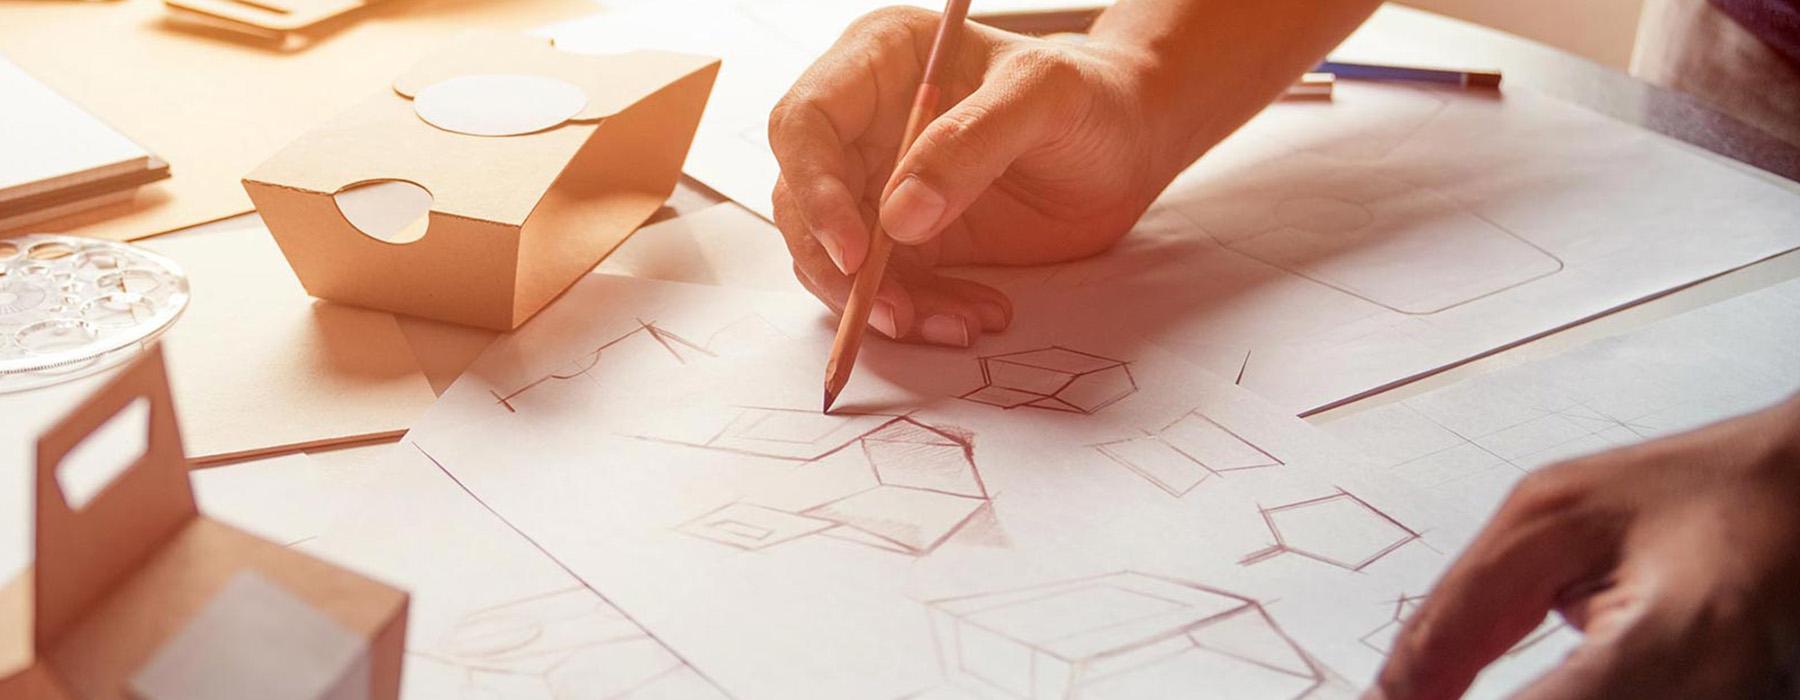 デザインパートナーのパッケージデザイン